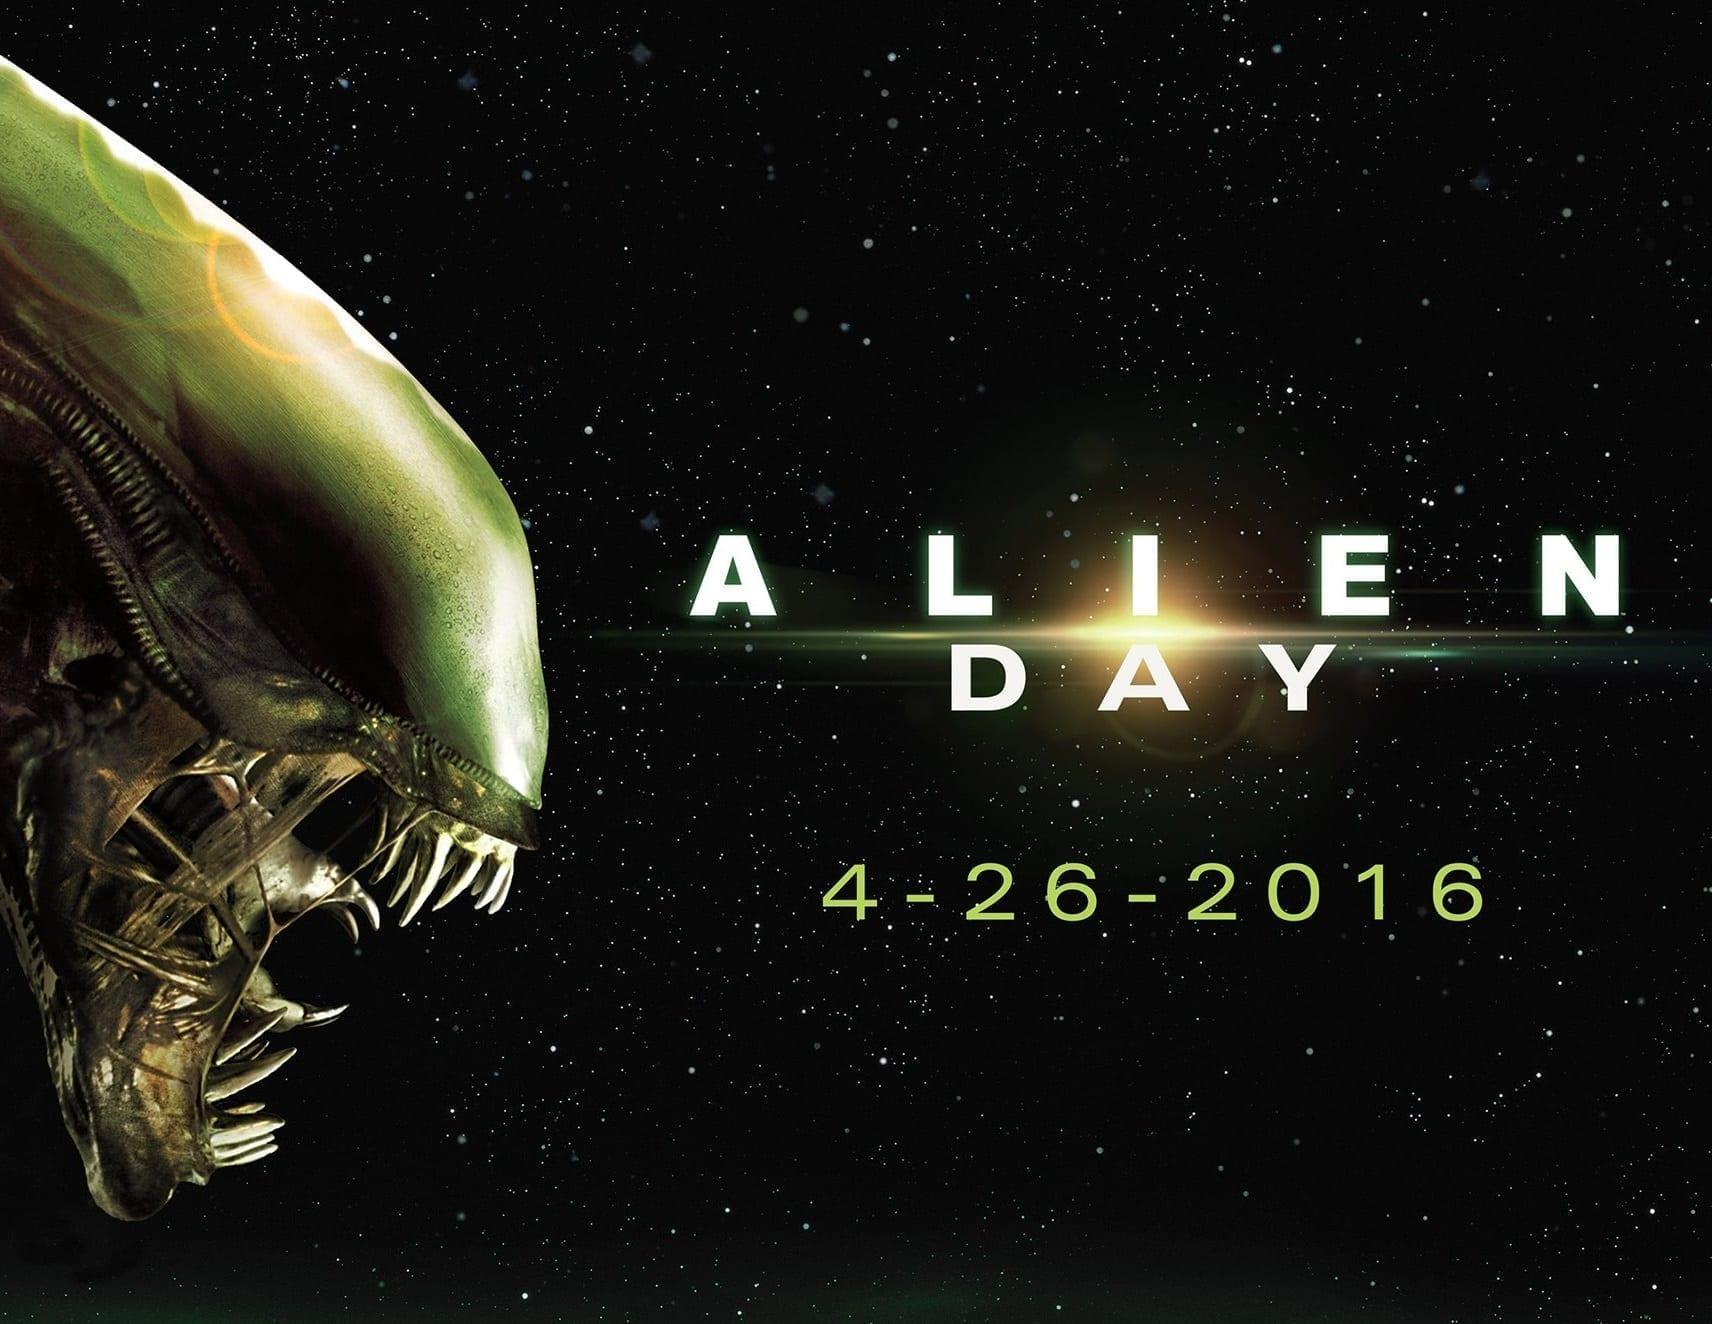 A Firenze il The Space Cinema festeggia l'Alien Day insieme ai fan della saga di fantascienza 2